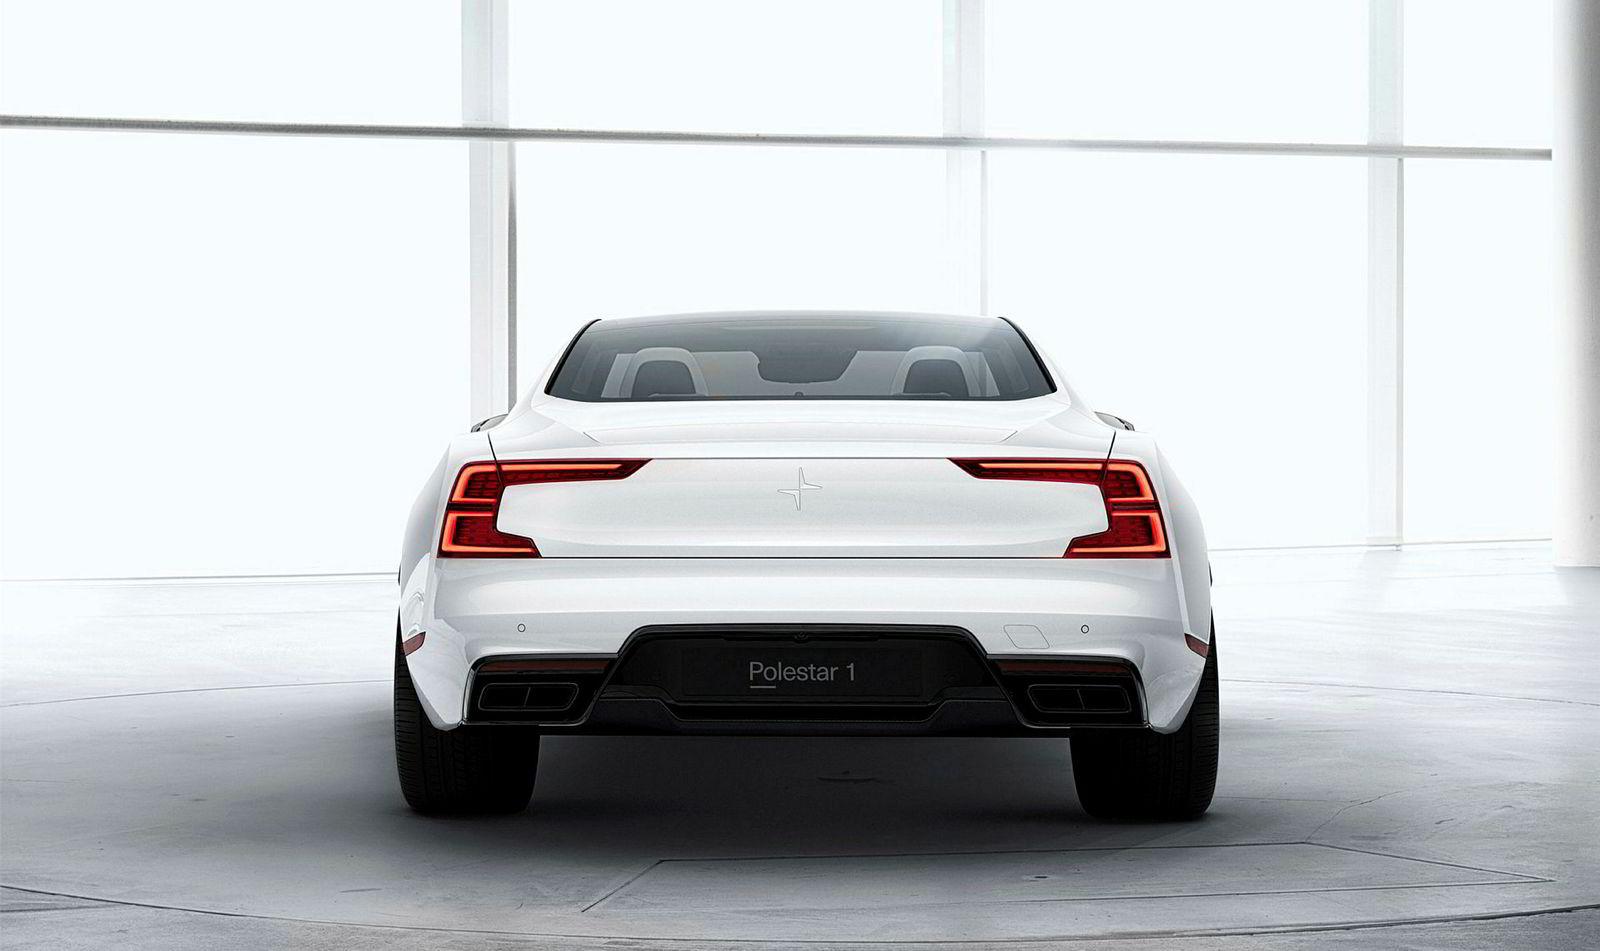 Bilen kommer på markedet sommeren 2019.